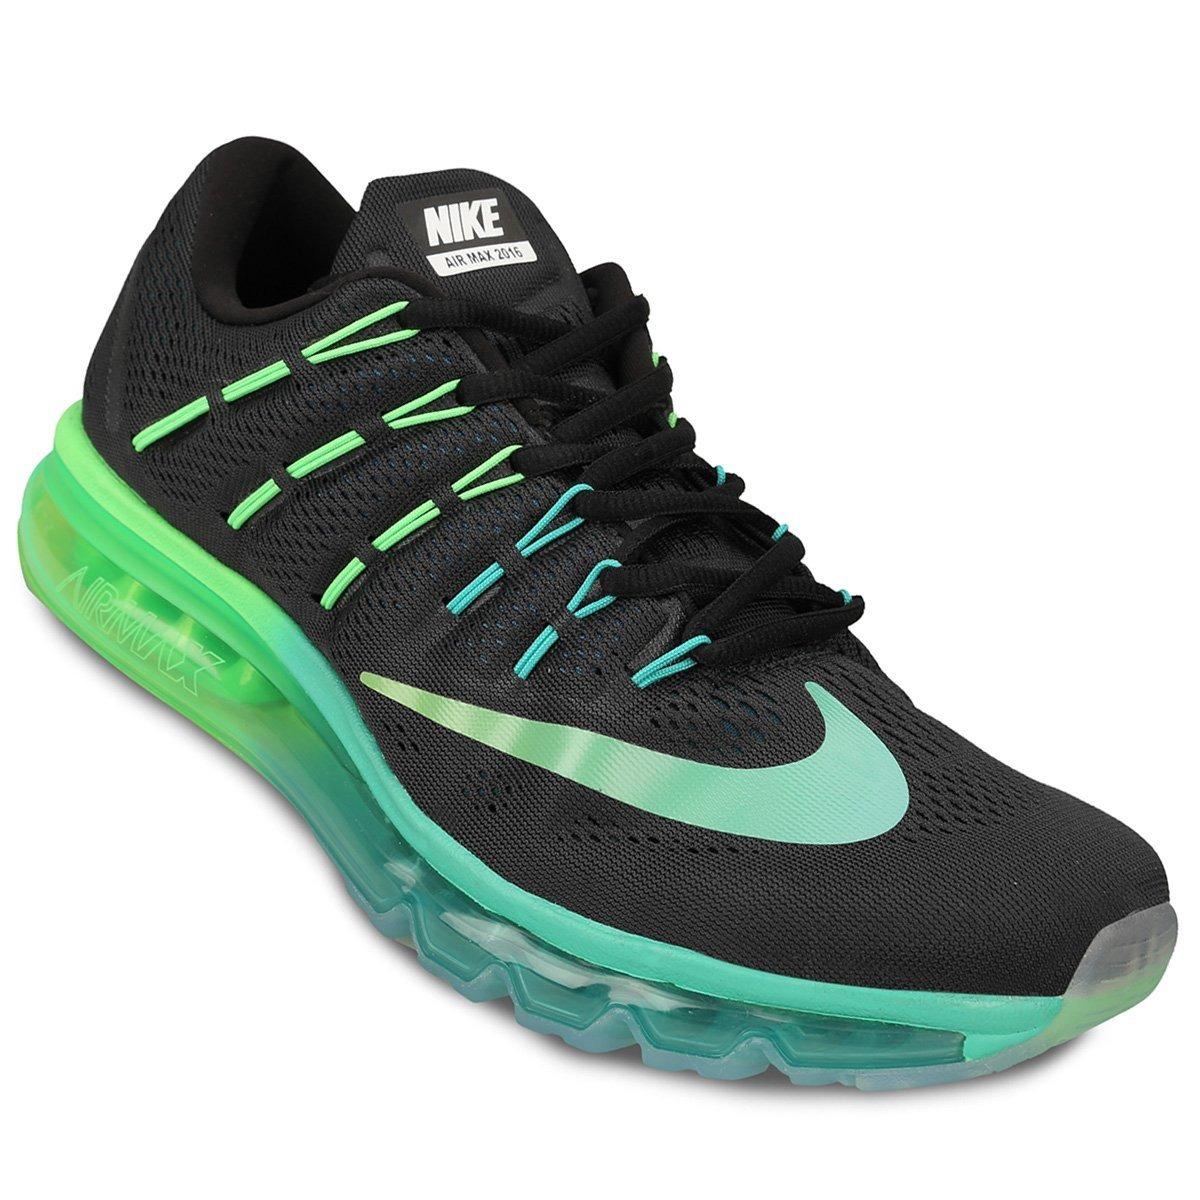 Zapatillas Nike Air Max 2016 Hombre (806771 003)  00 en